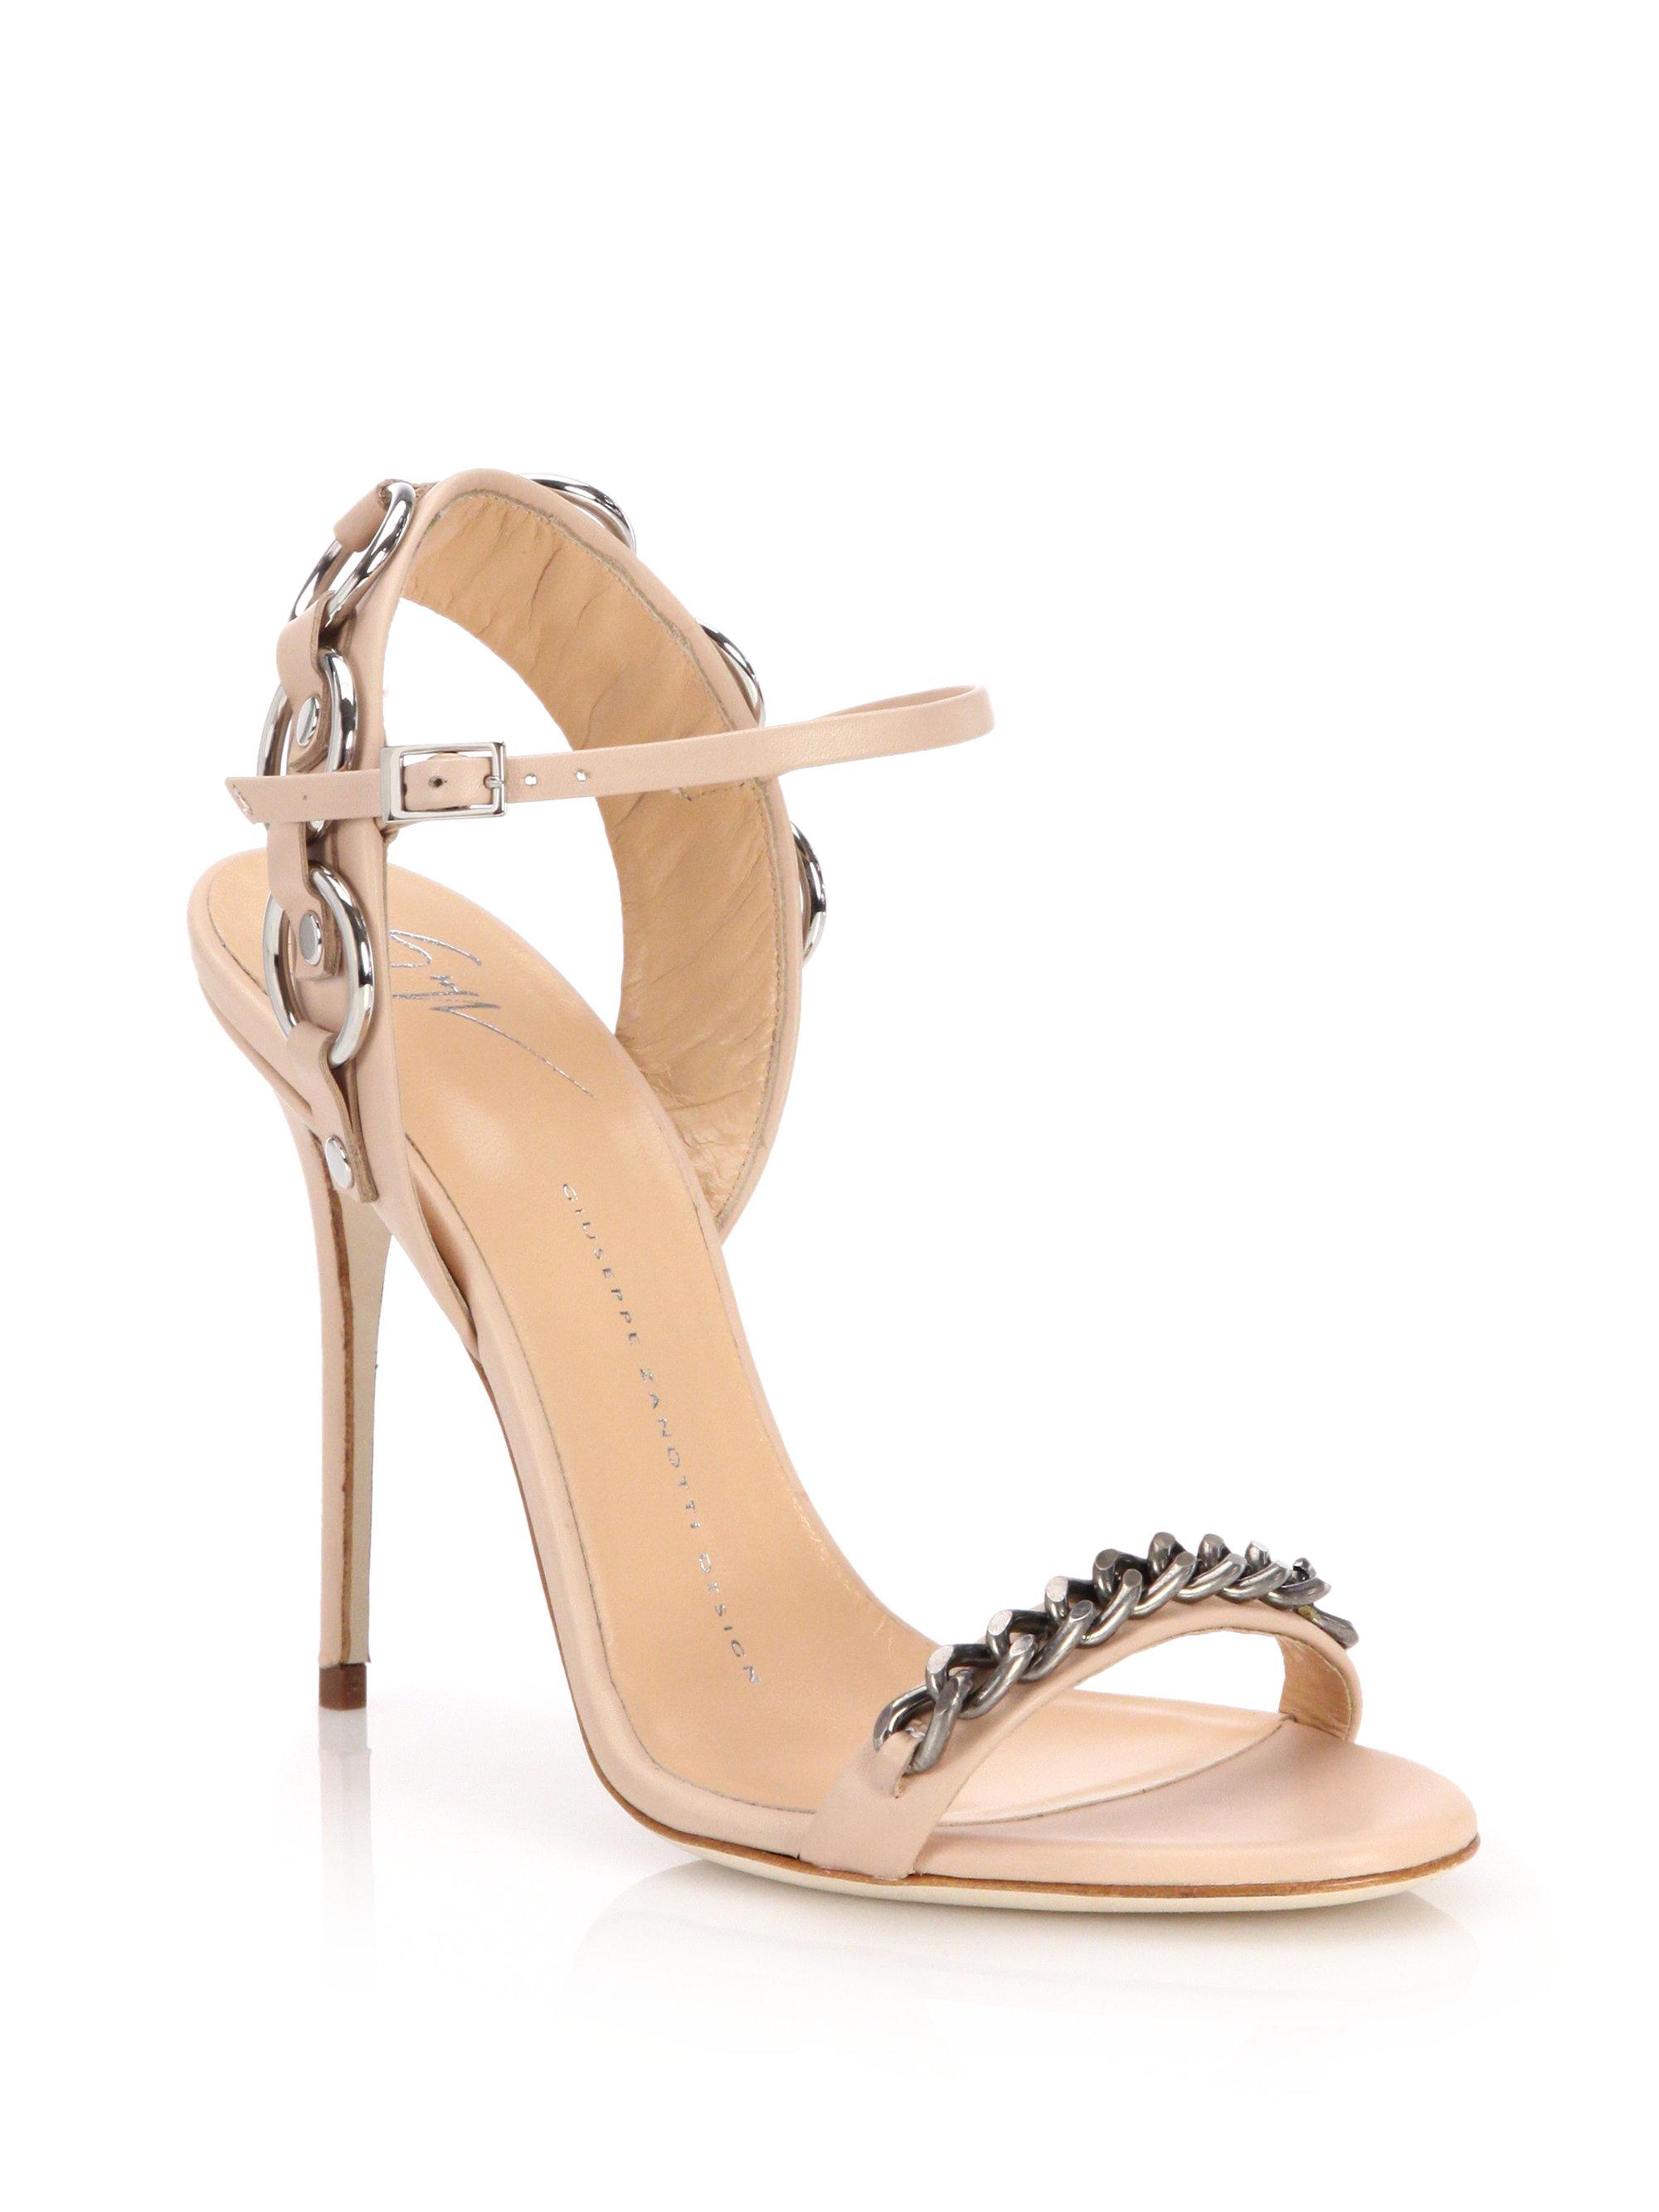 45fd52f54c7 Lyst - Giuseppe Zanotti Metal Chain-trim Sandals in Natural